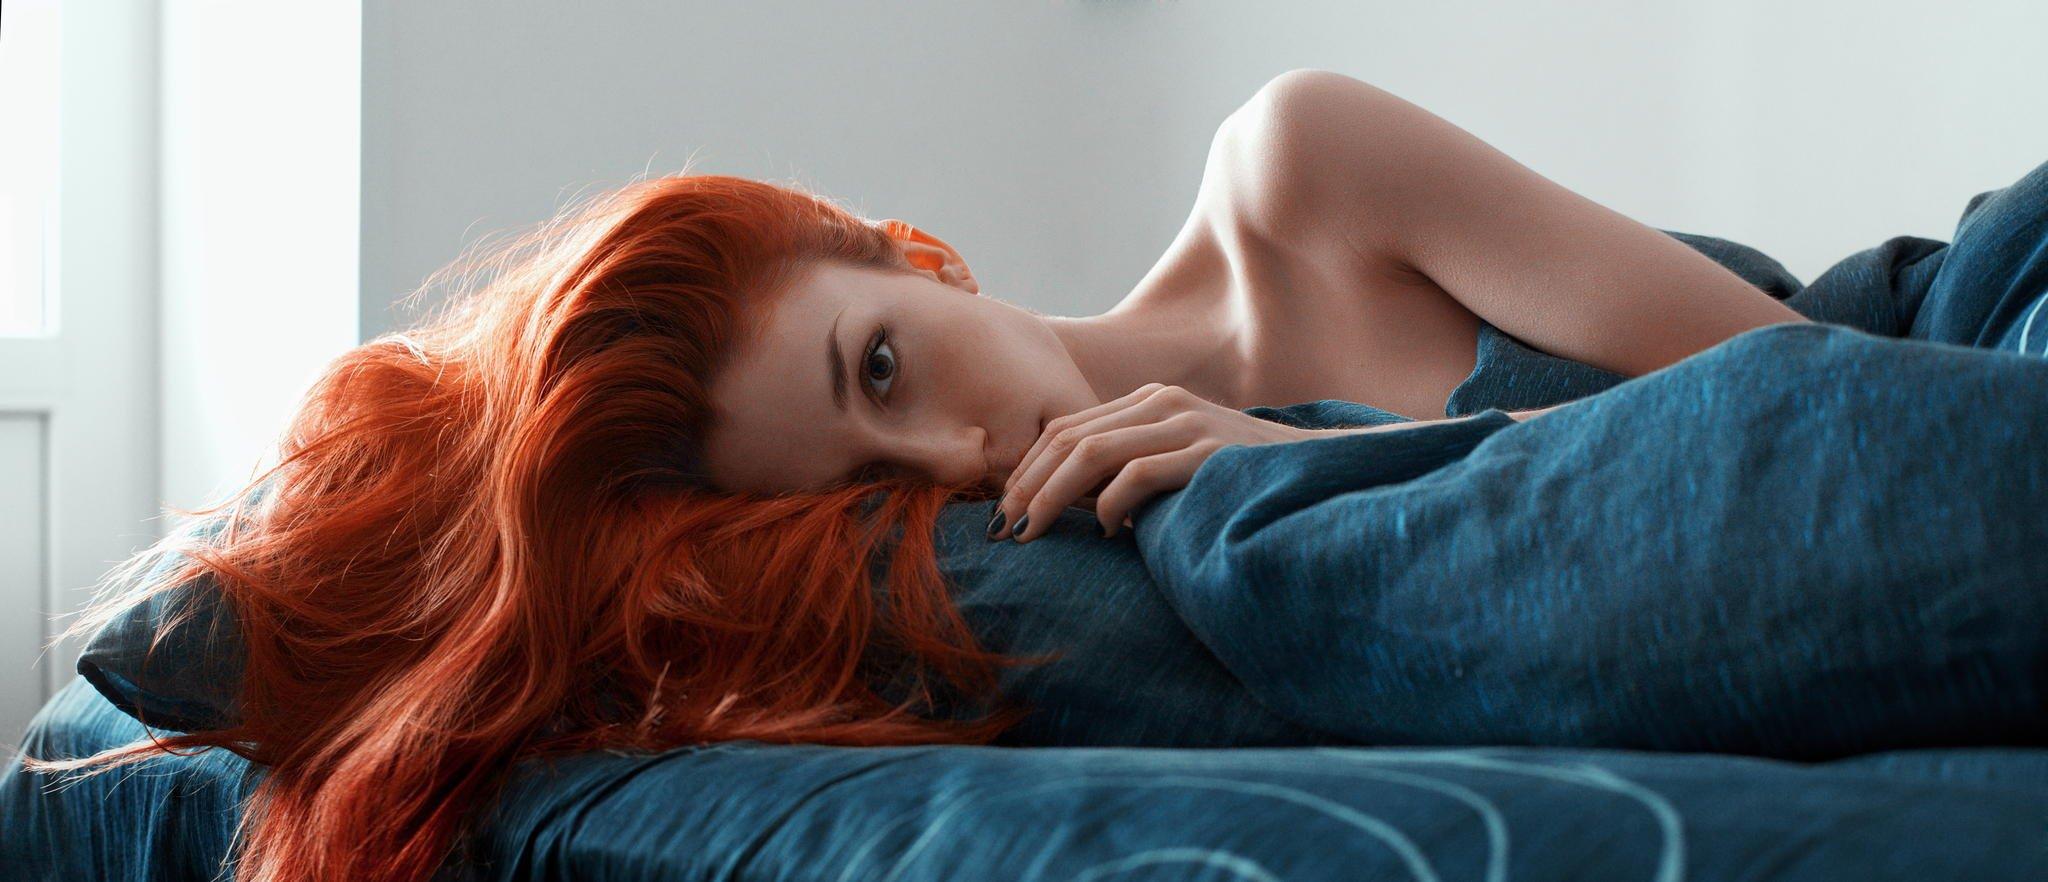 Фотограф развел на секс рыжую модель  187839